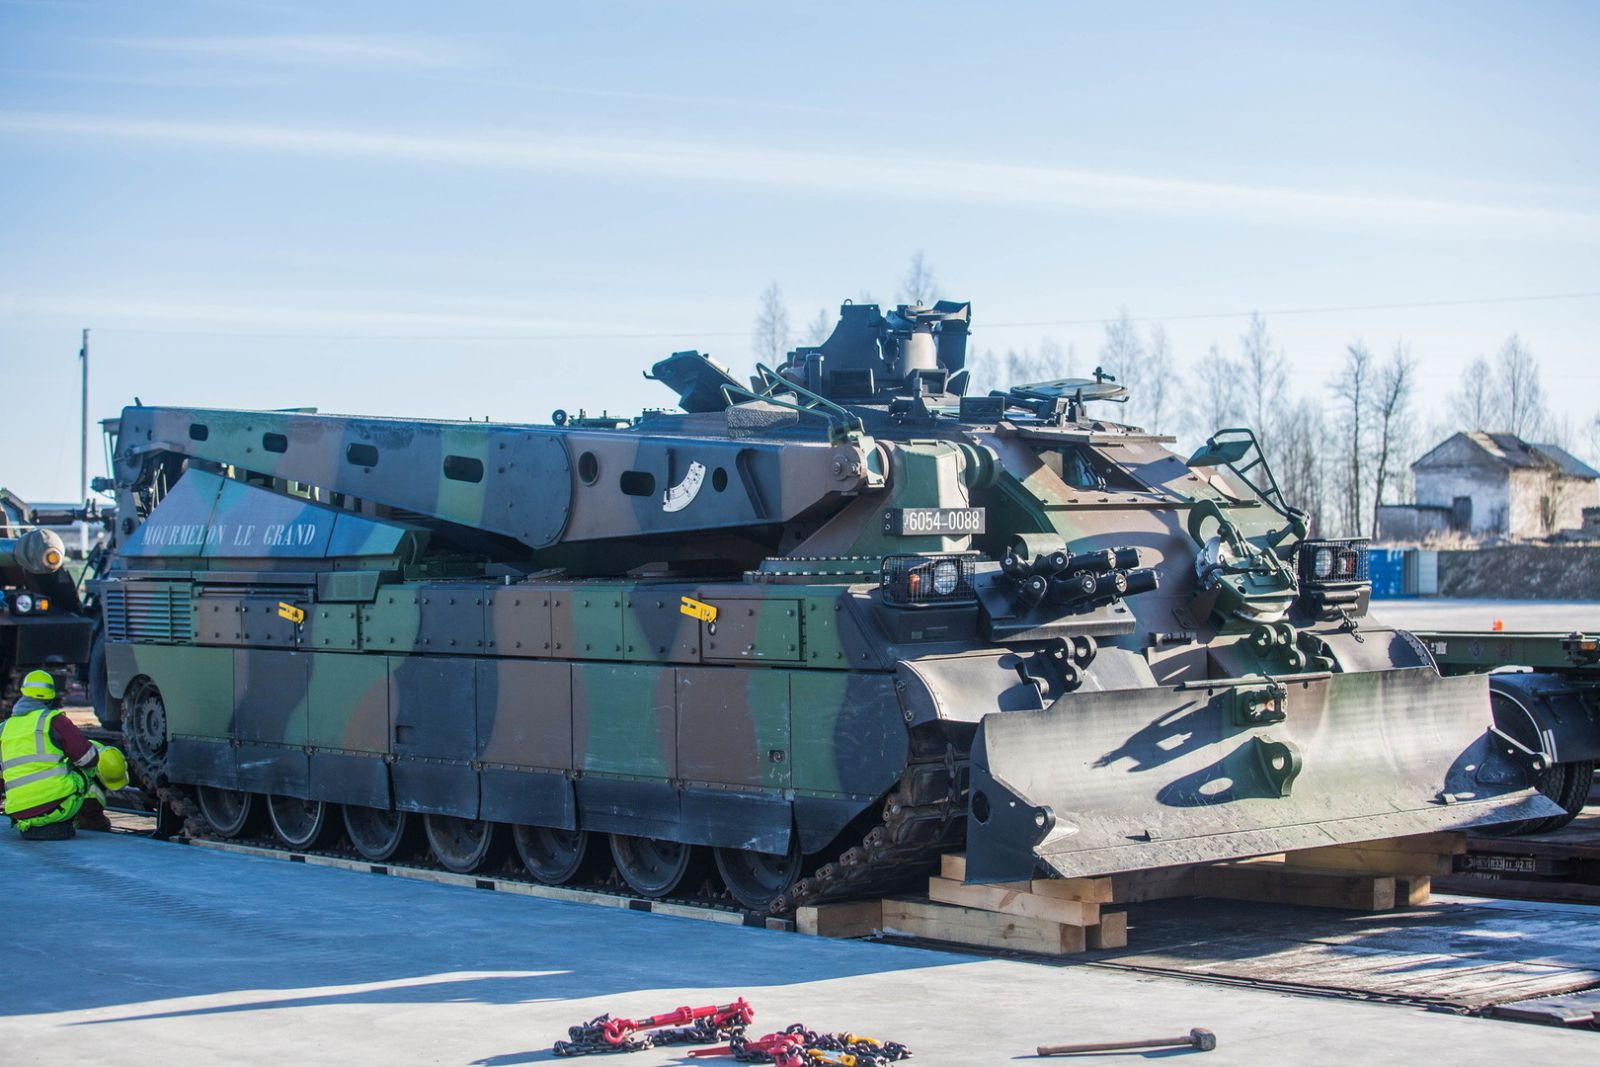 ВЭстонию прибыли французские танки для батальона НАТО